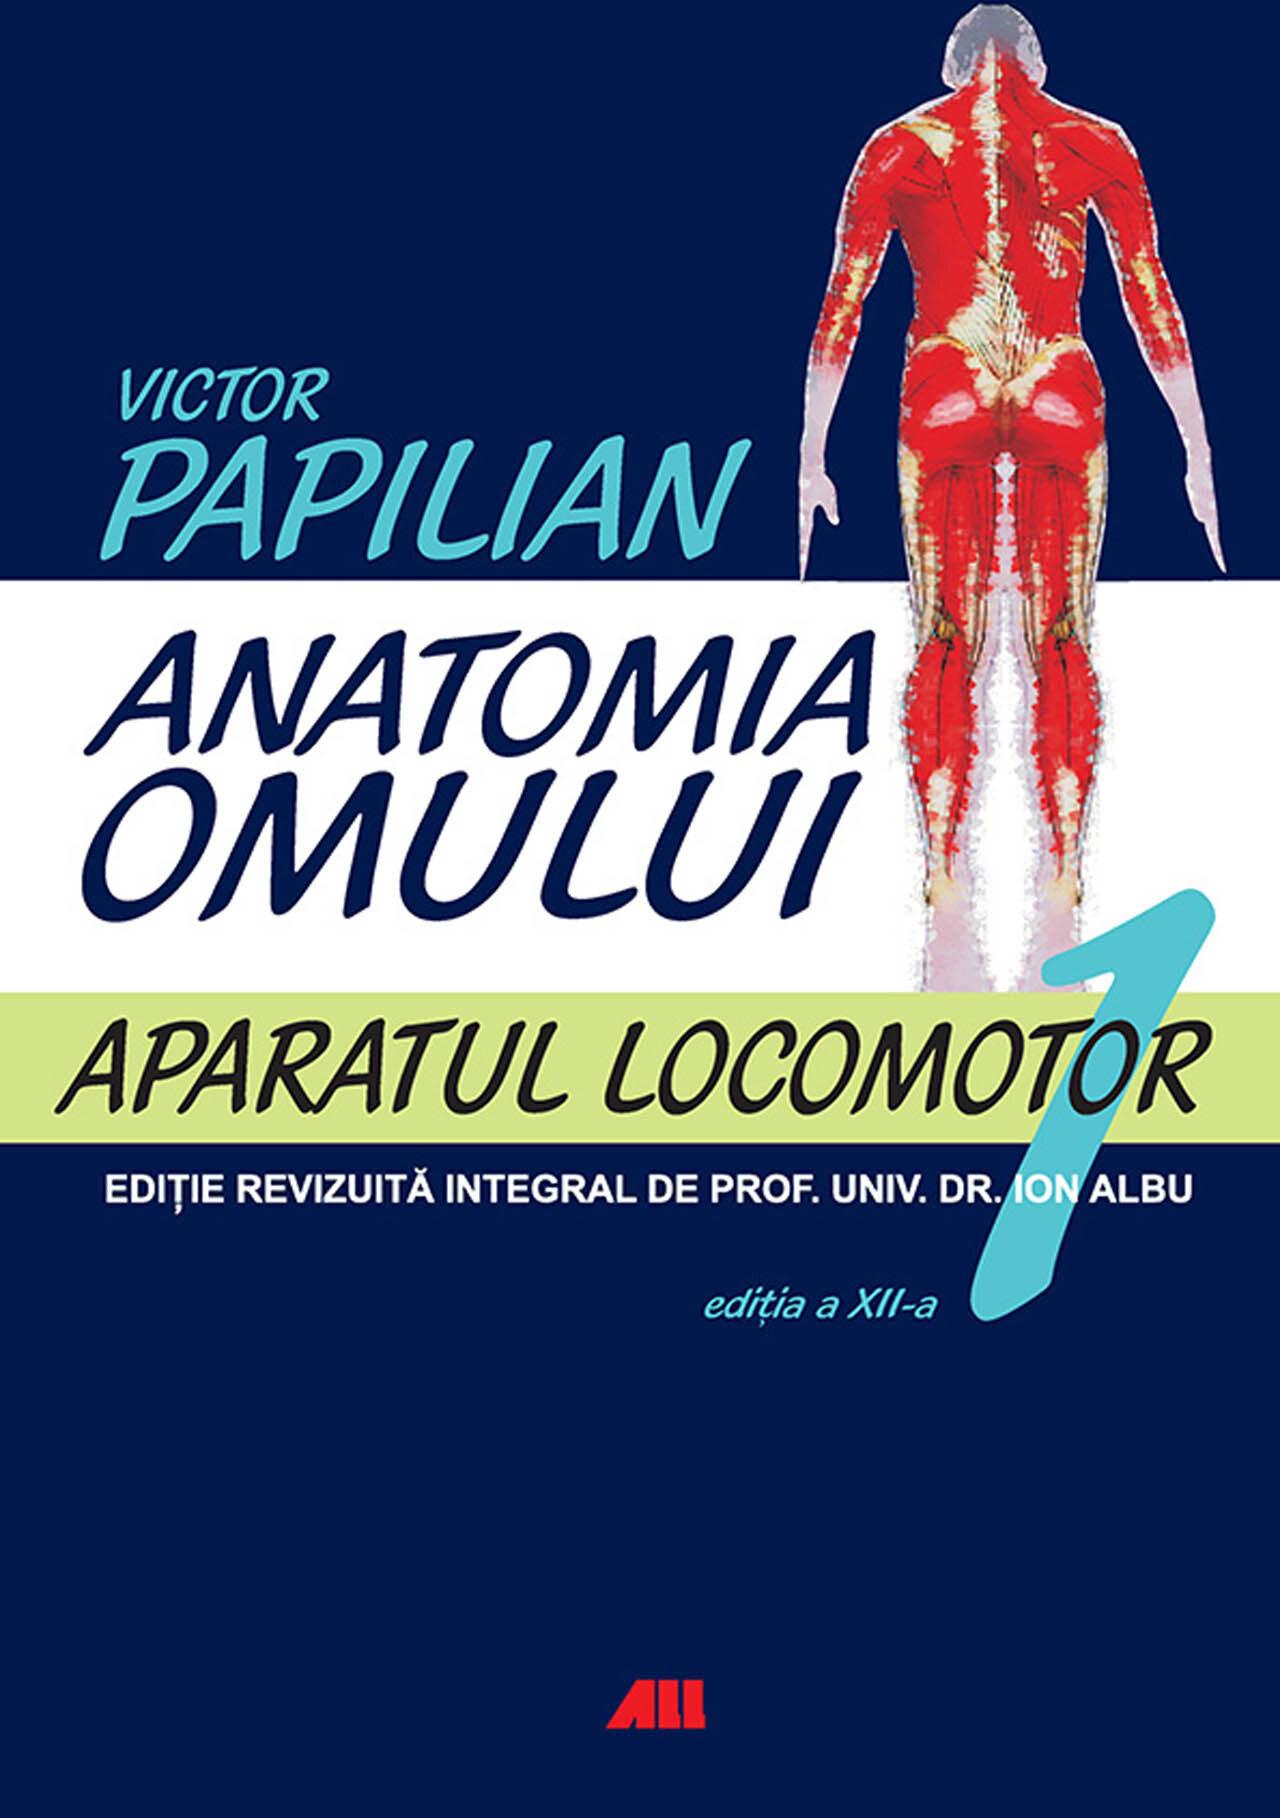 Anatomia omului. Vol. 1 - Aparatul locomotor (eBook)